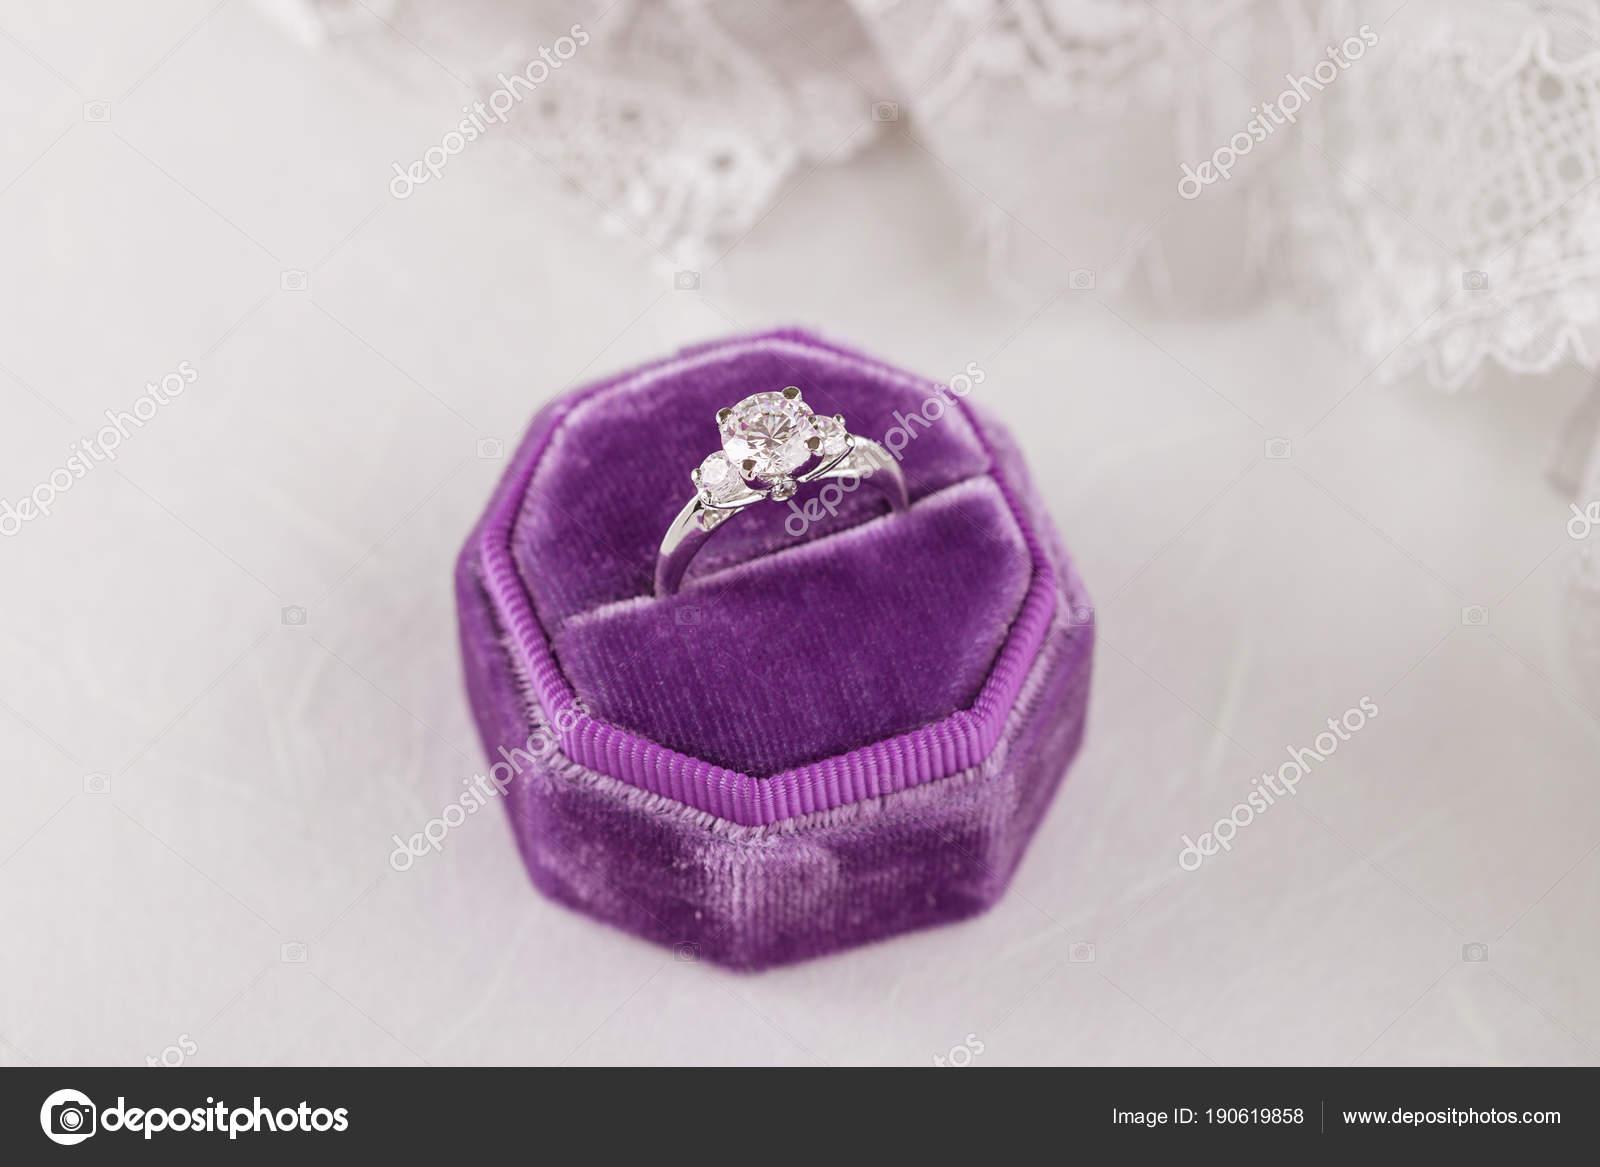 Bily Zlaty Snubni Prsten S Diamanty Ve Fialove Vintage Sametu